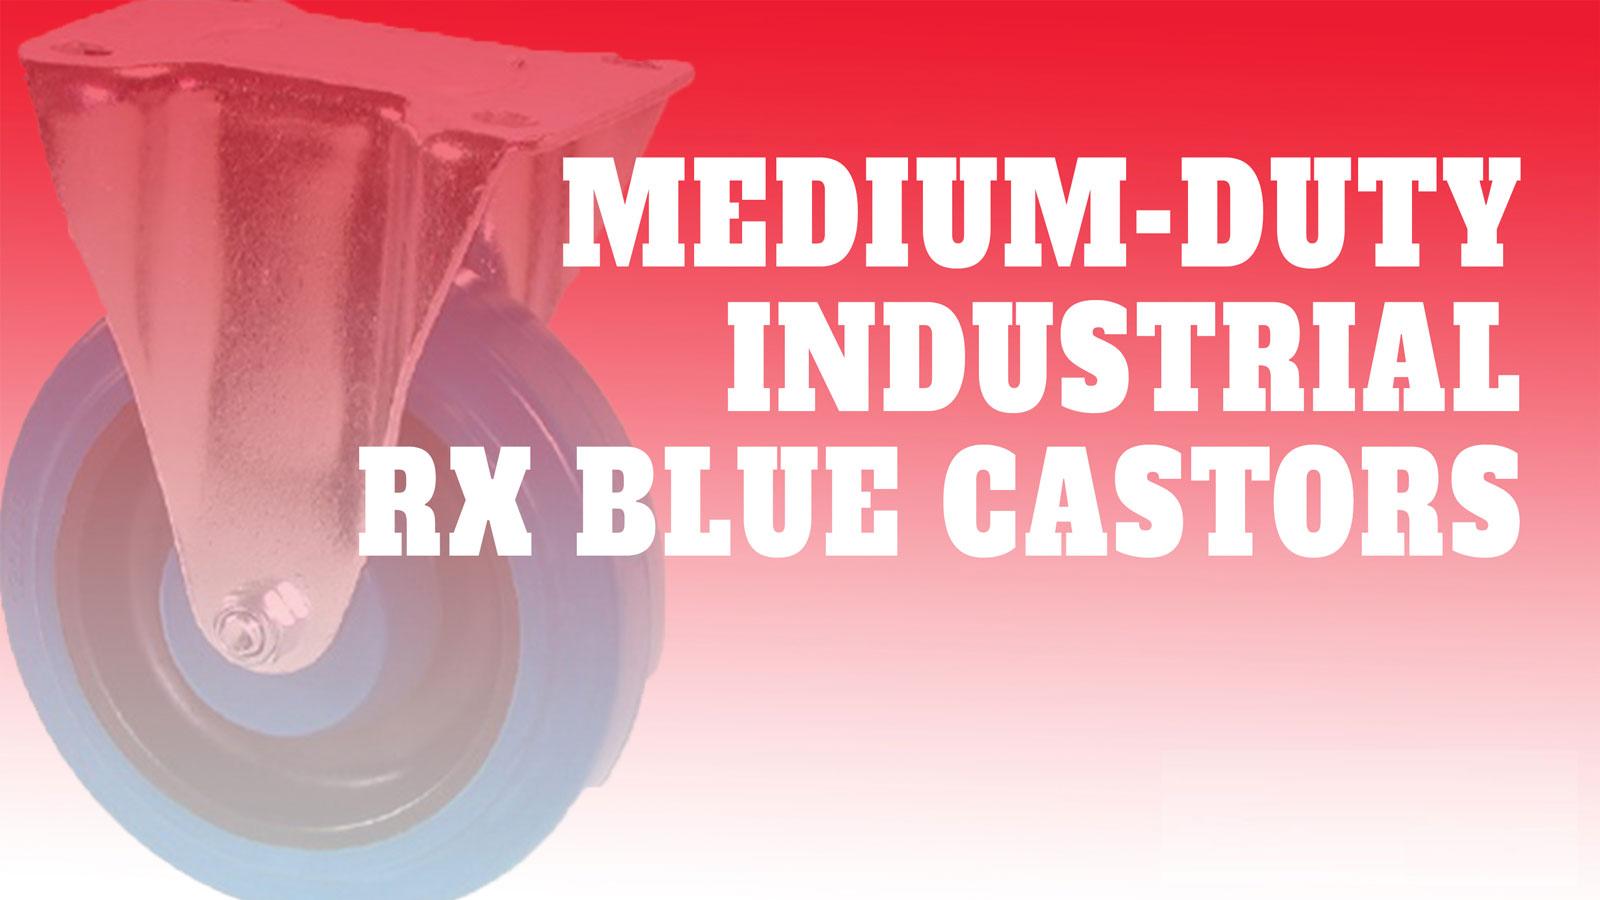 Castor-Medium-Duty-Industrial-RX